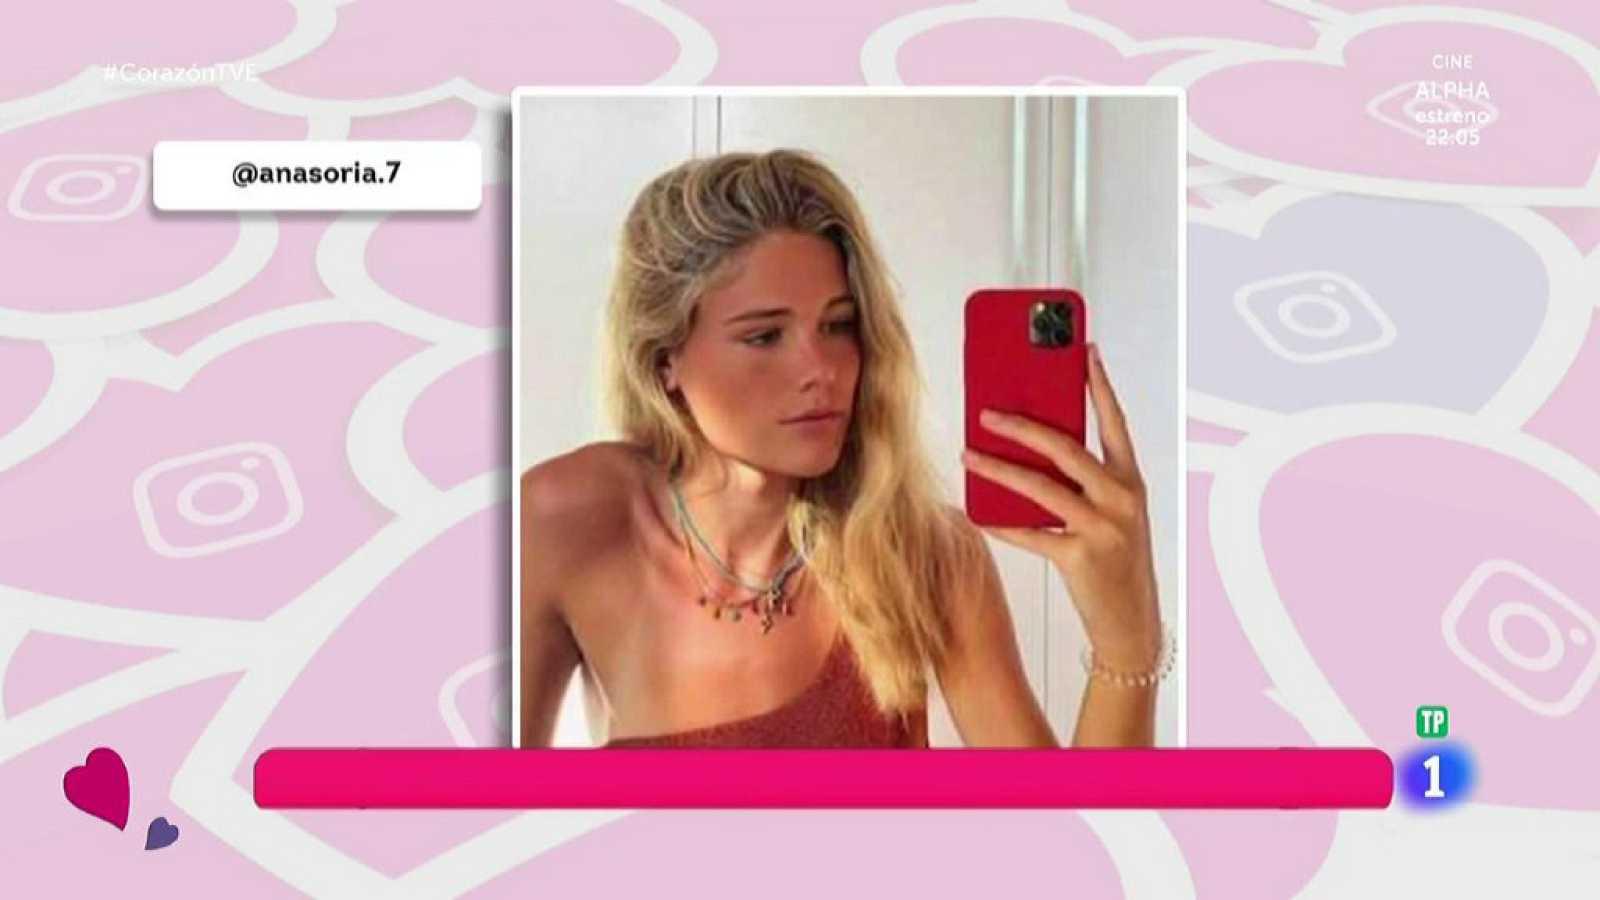 Corazón - Ana Soria concede su primera entrevista tras hacerse público su romance con Enrique Ponce